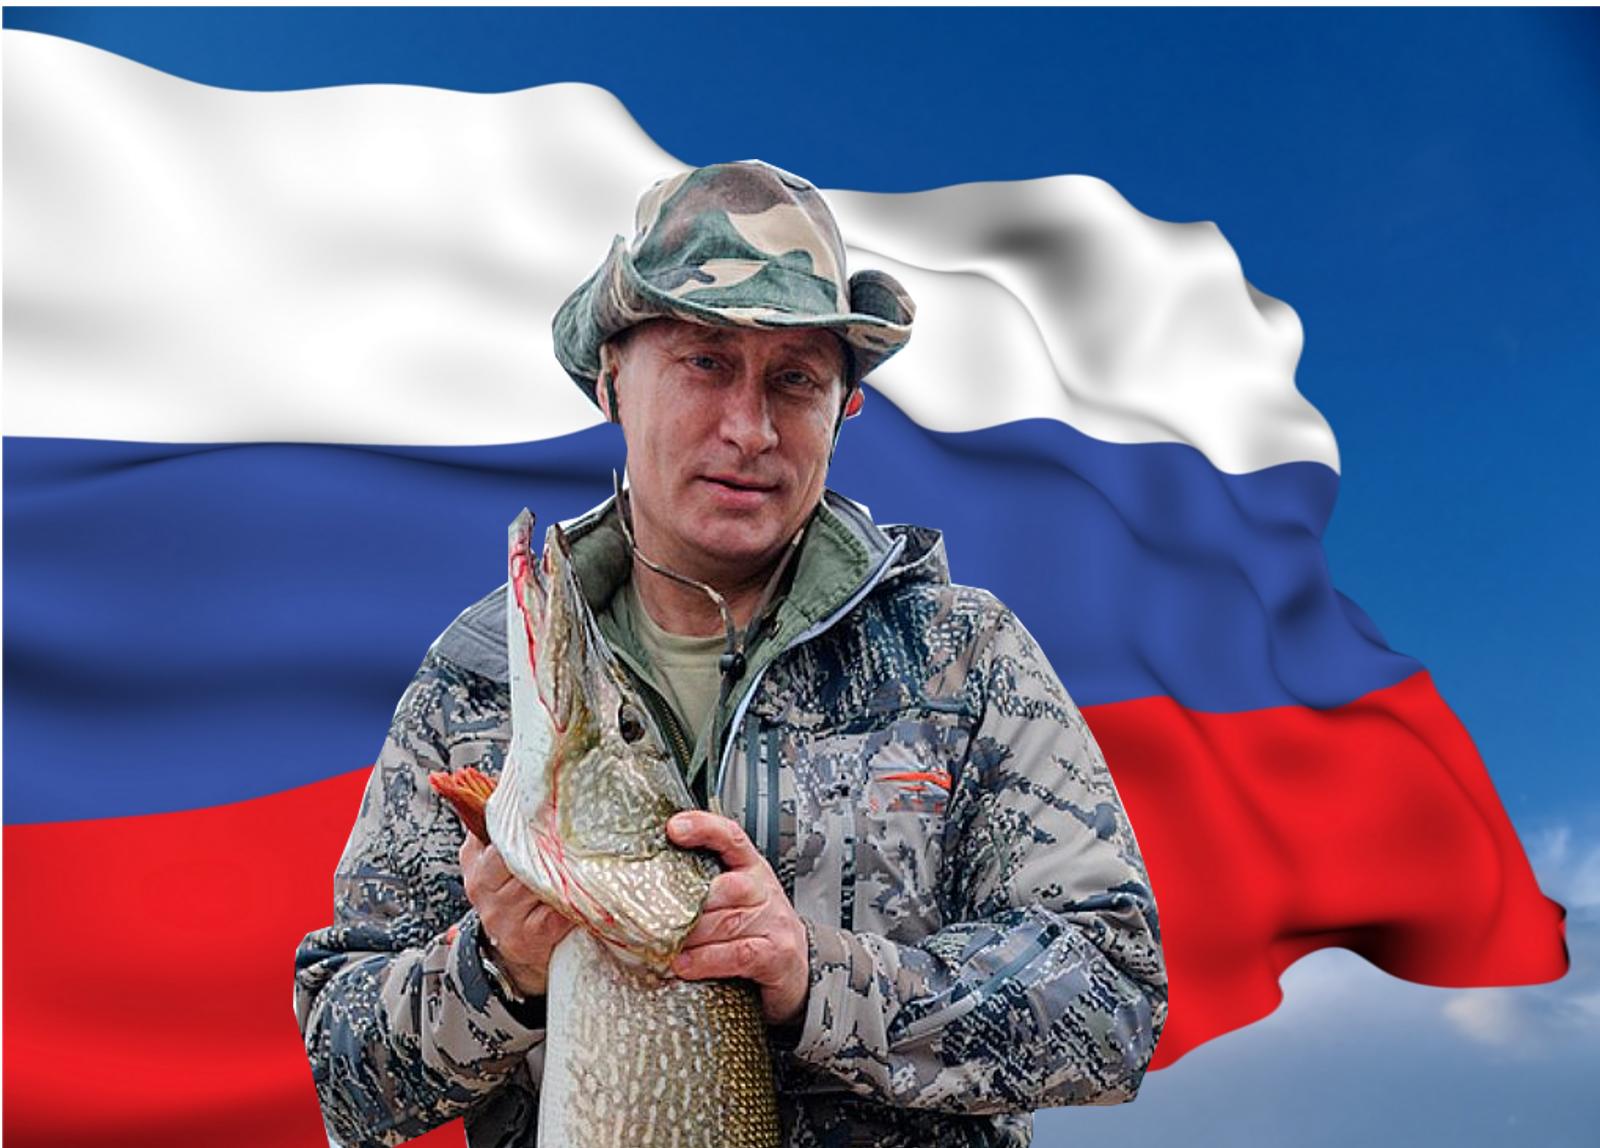 Путин и рыбалка. Несколько фактов.